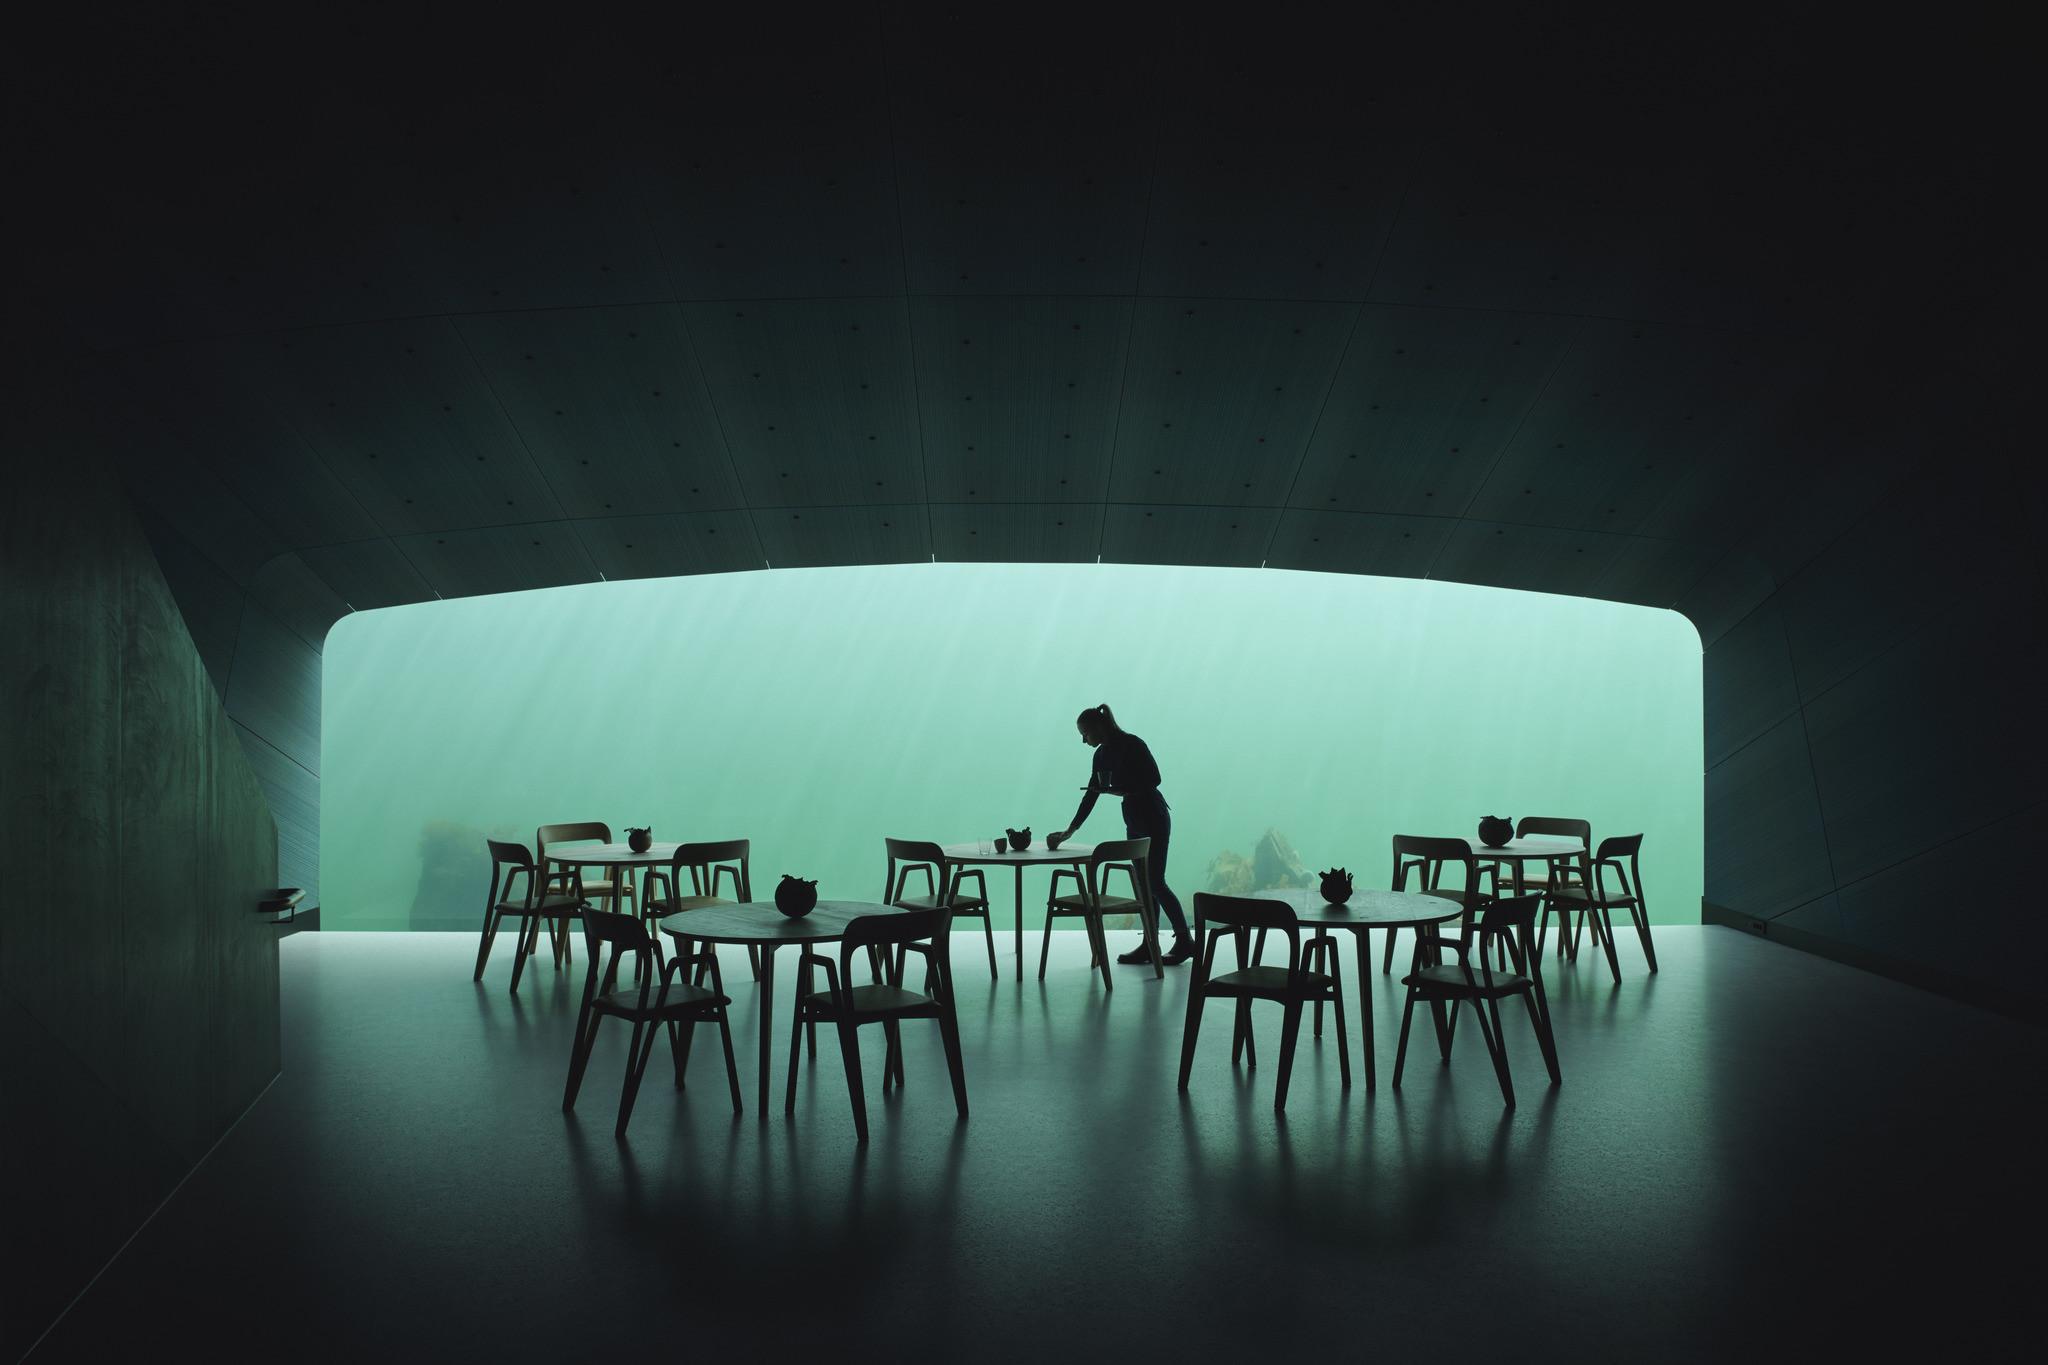 Das Bild zeigt mehrere Tische mit fühlen in einem Speisesaal. Im Hintergrund ist eine große Fensterfront durch die man ins offene Meer schauen kann.